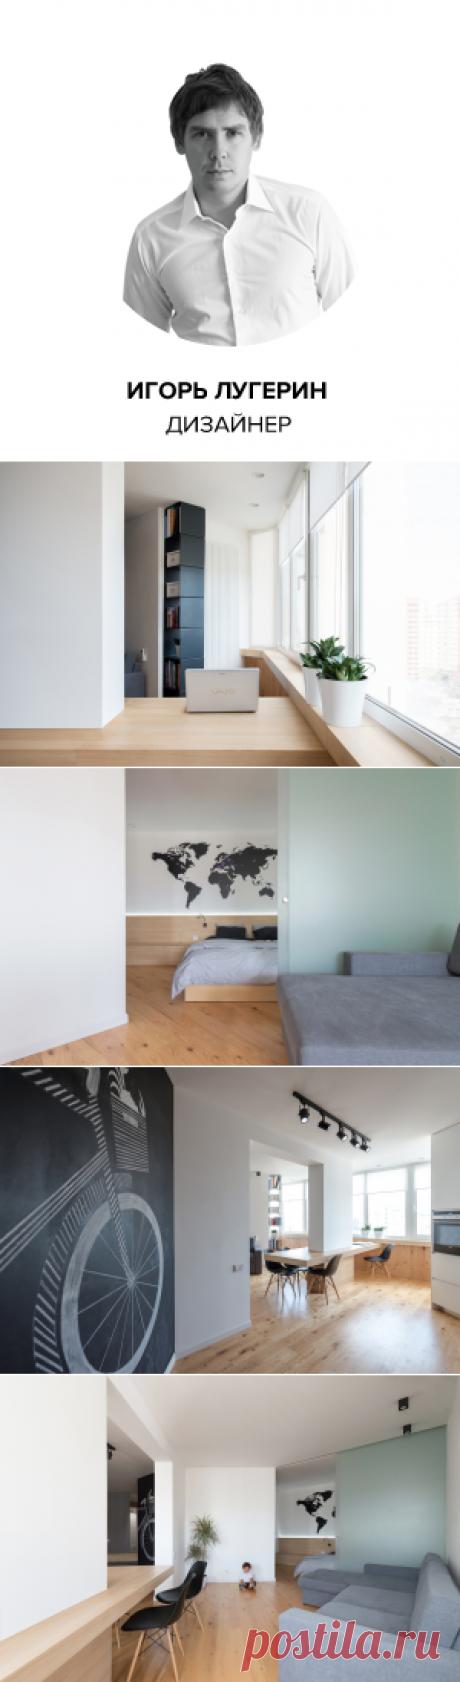 Студия недели: квартира в стиле минимализм в Киеве   Свежие идеи дизайна интерьеров, декора, архитектуры на InMyRoom.ru